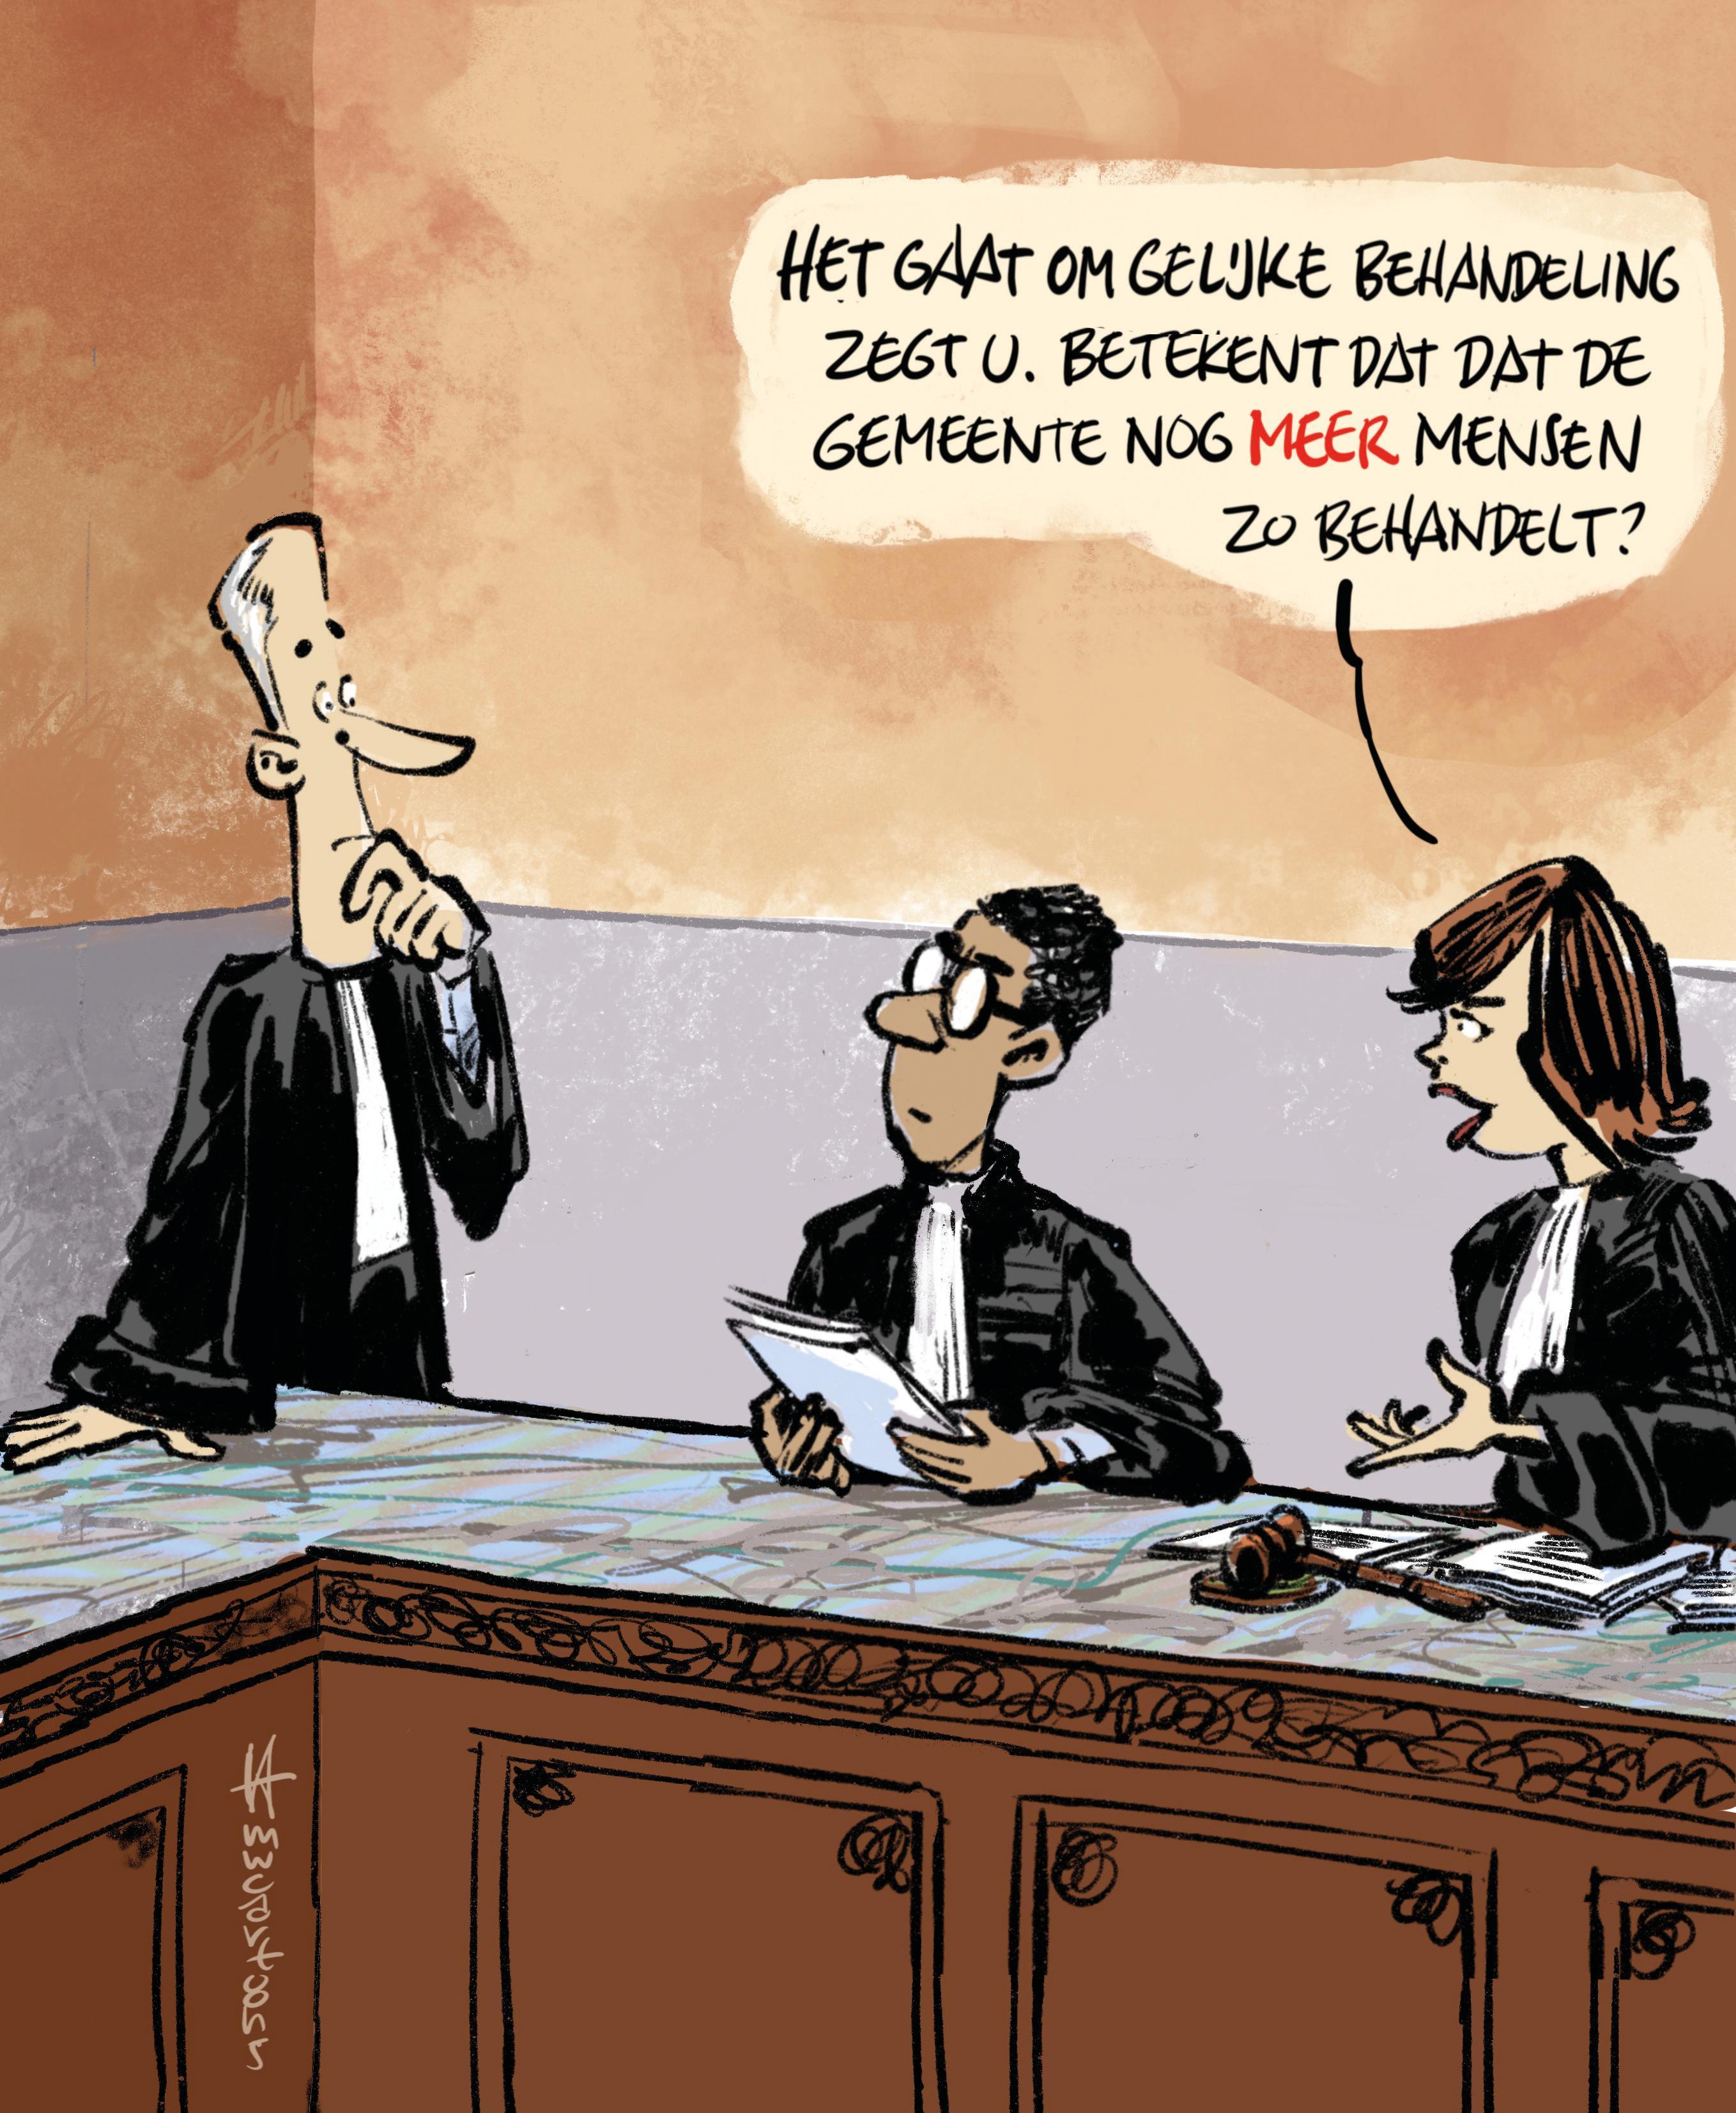 Heemsteedse Mieke Molenaar krijgt gelijk van rechter na onterechte parkeerboete